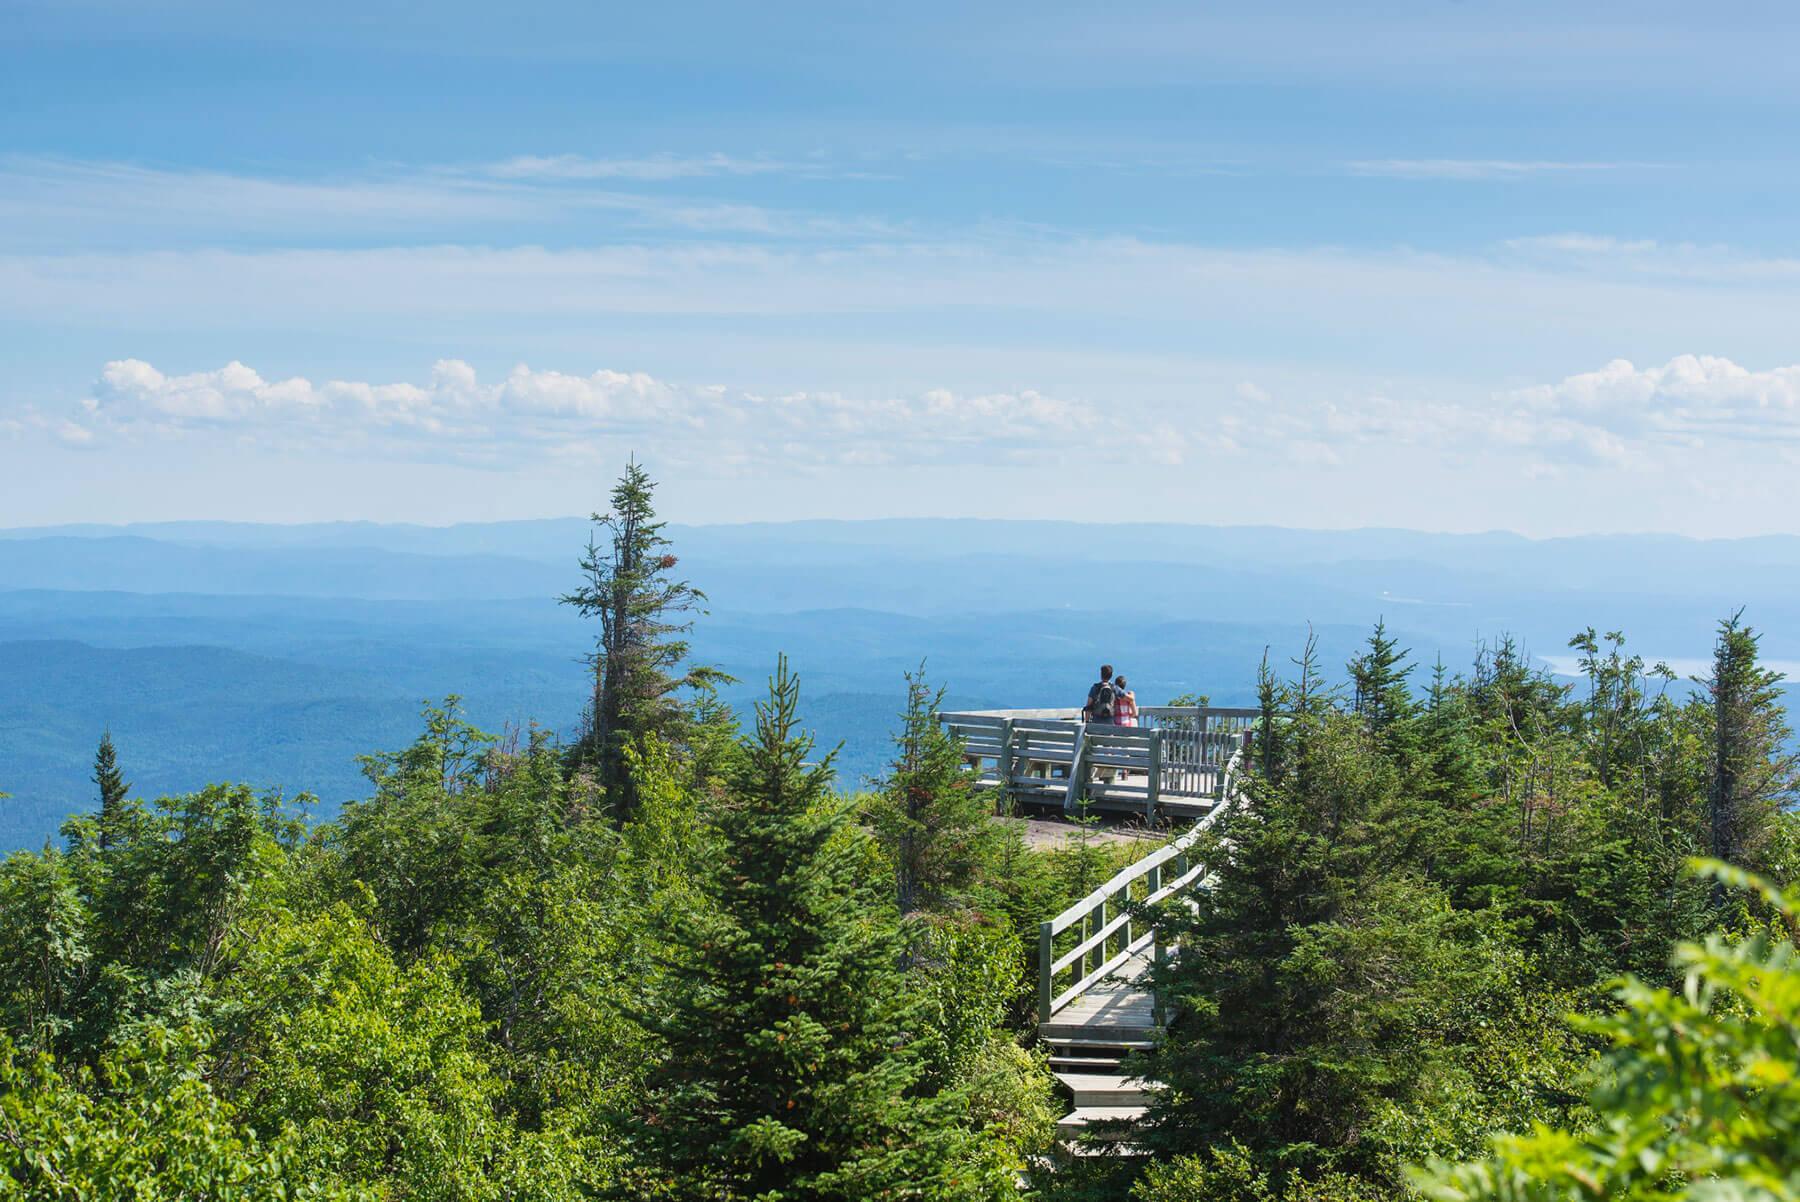 Randonnée au parc national des Monts-Valin - 4 jours